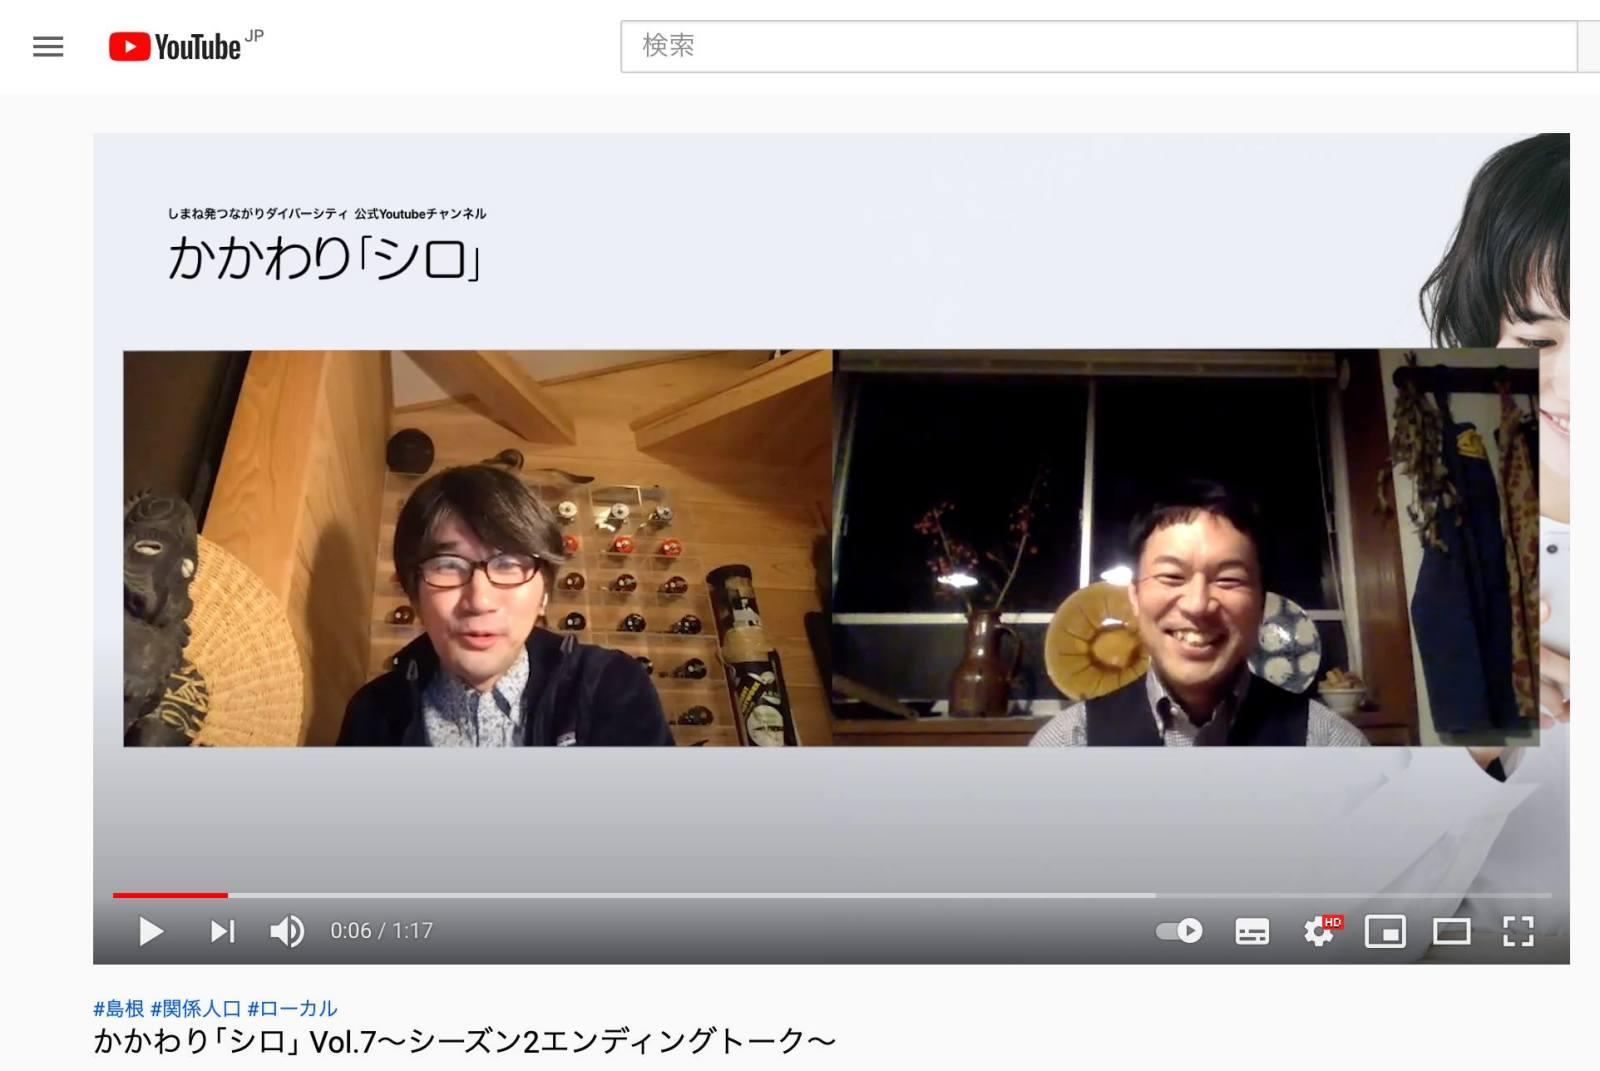 かかわり「シロ」チャンネル